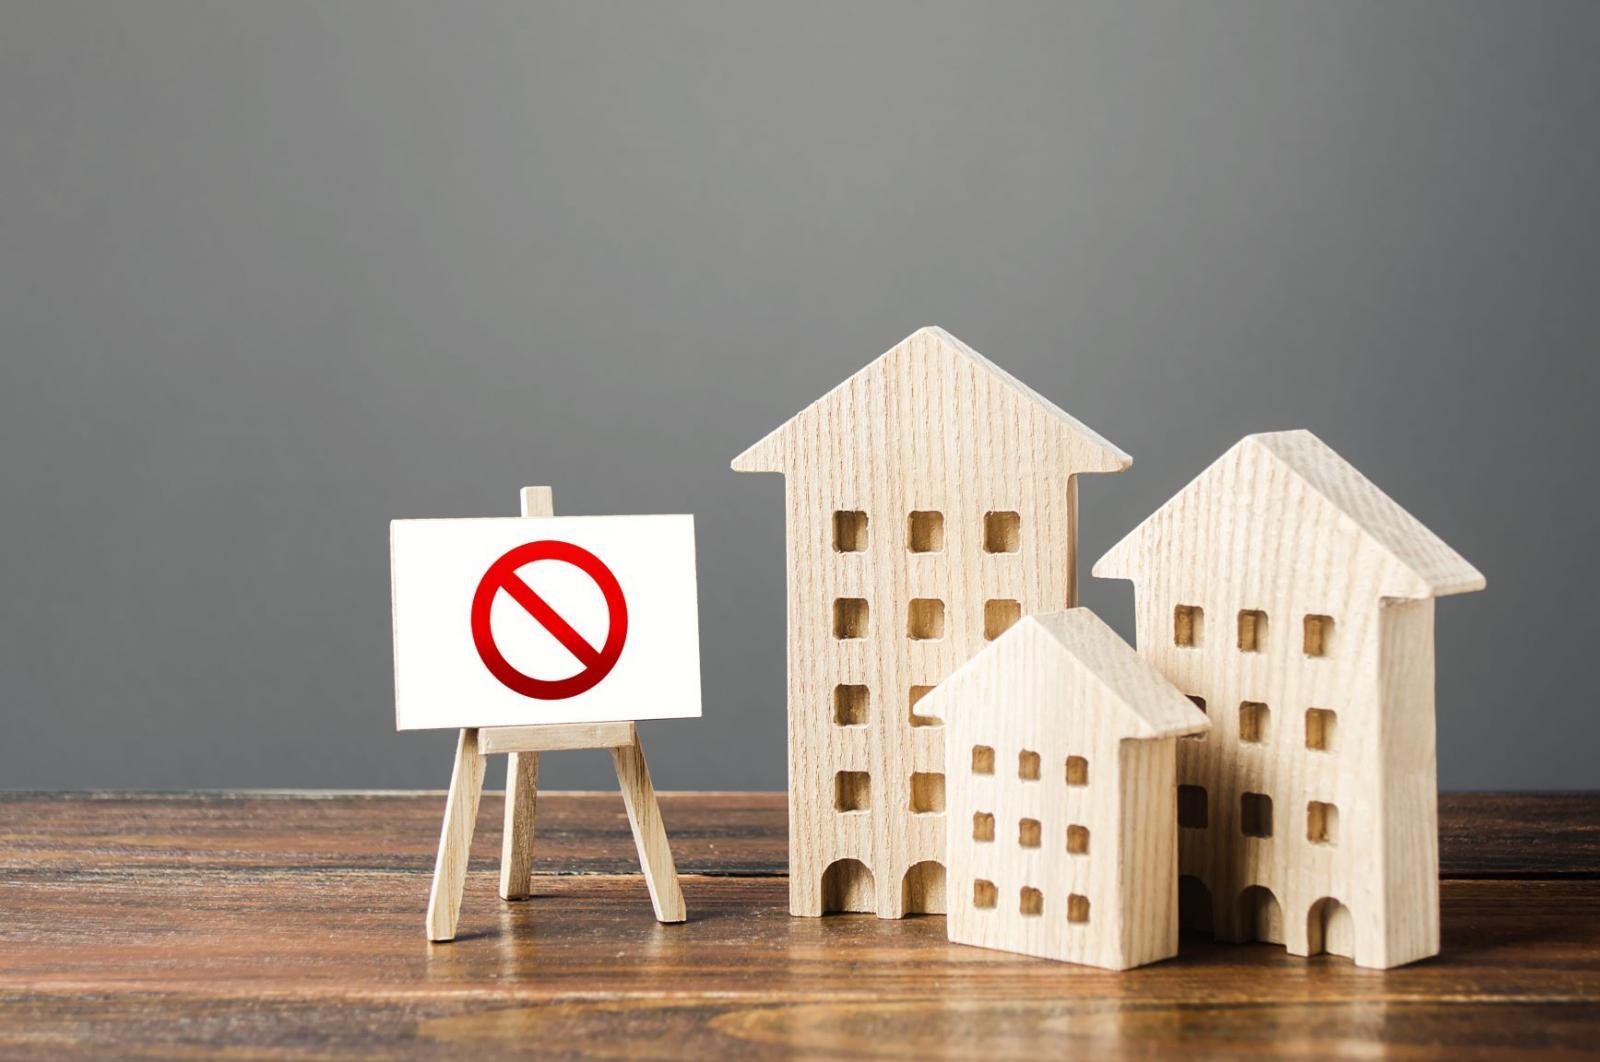 Ba ngôi nhà gỗ mô hình đặt cạnh biển báo ngừng giao dịch màu đỏ.